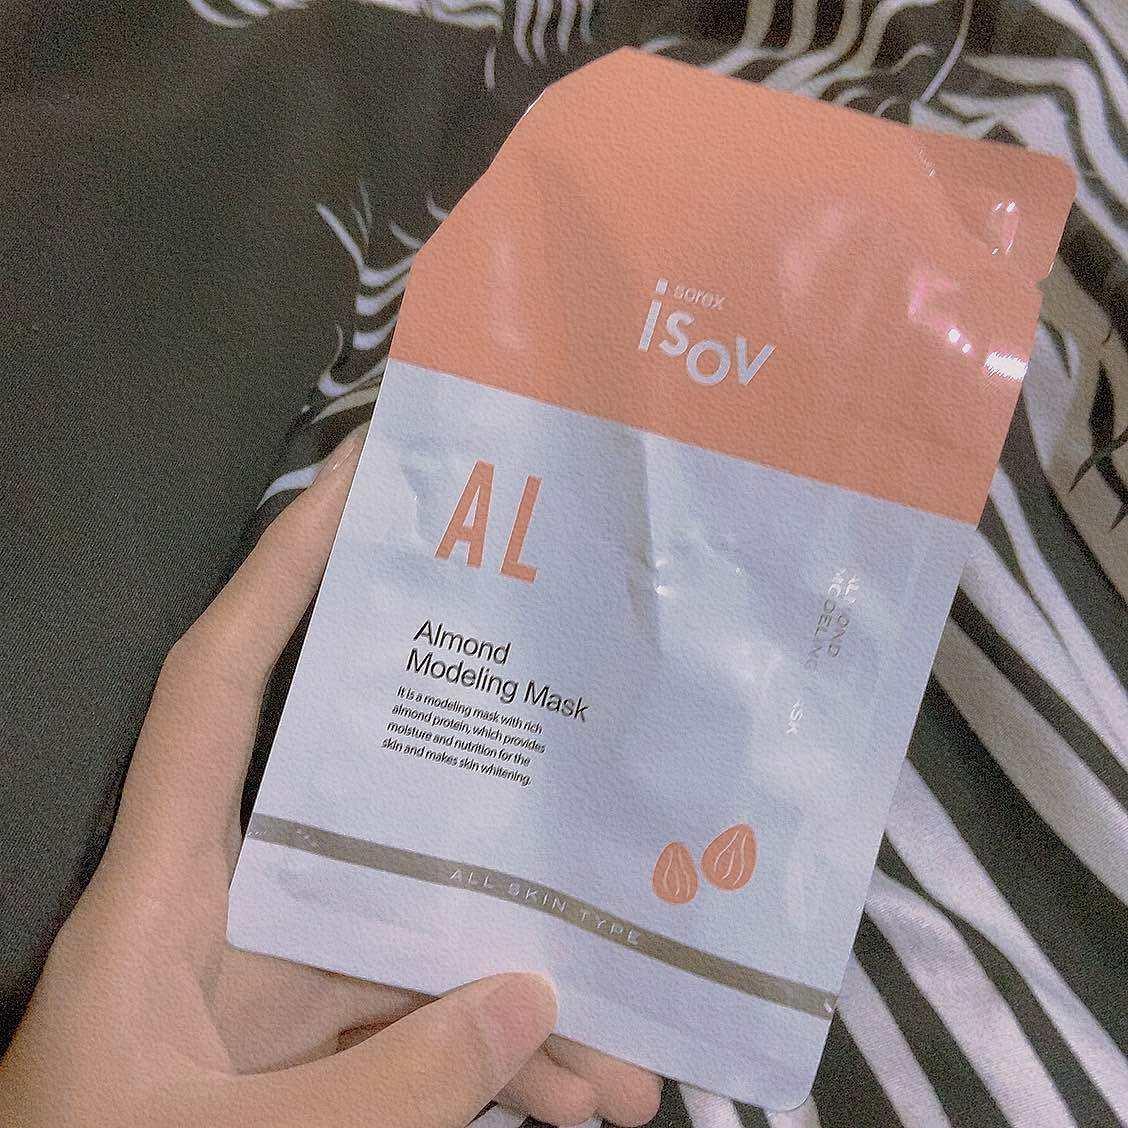 面膜打卡—韩国isov软膜粉💡  isov素瑞施是一款韩国